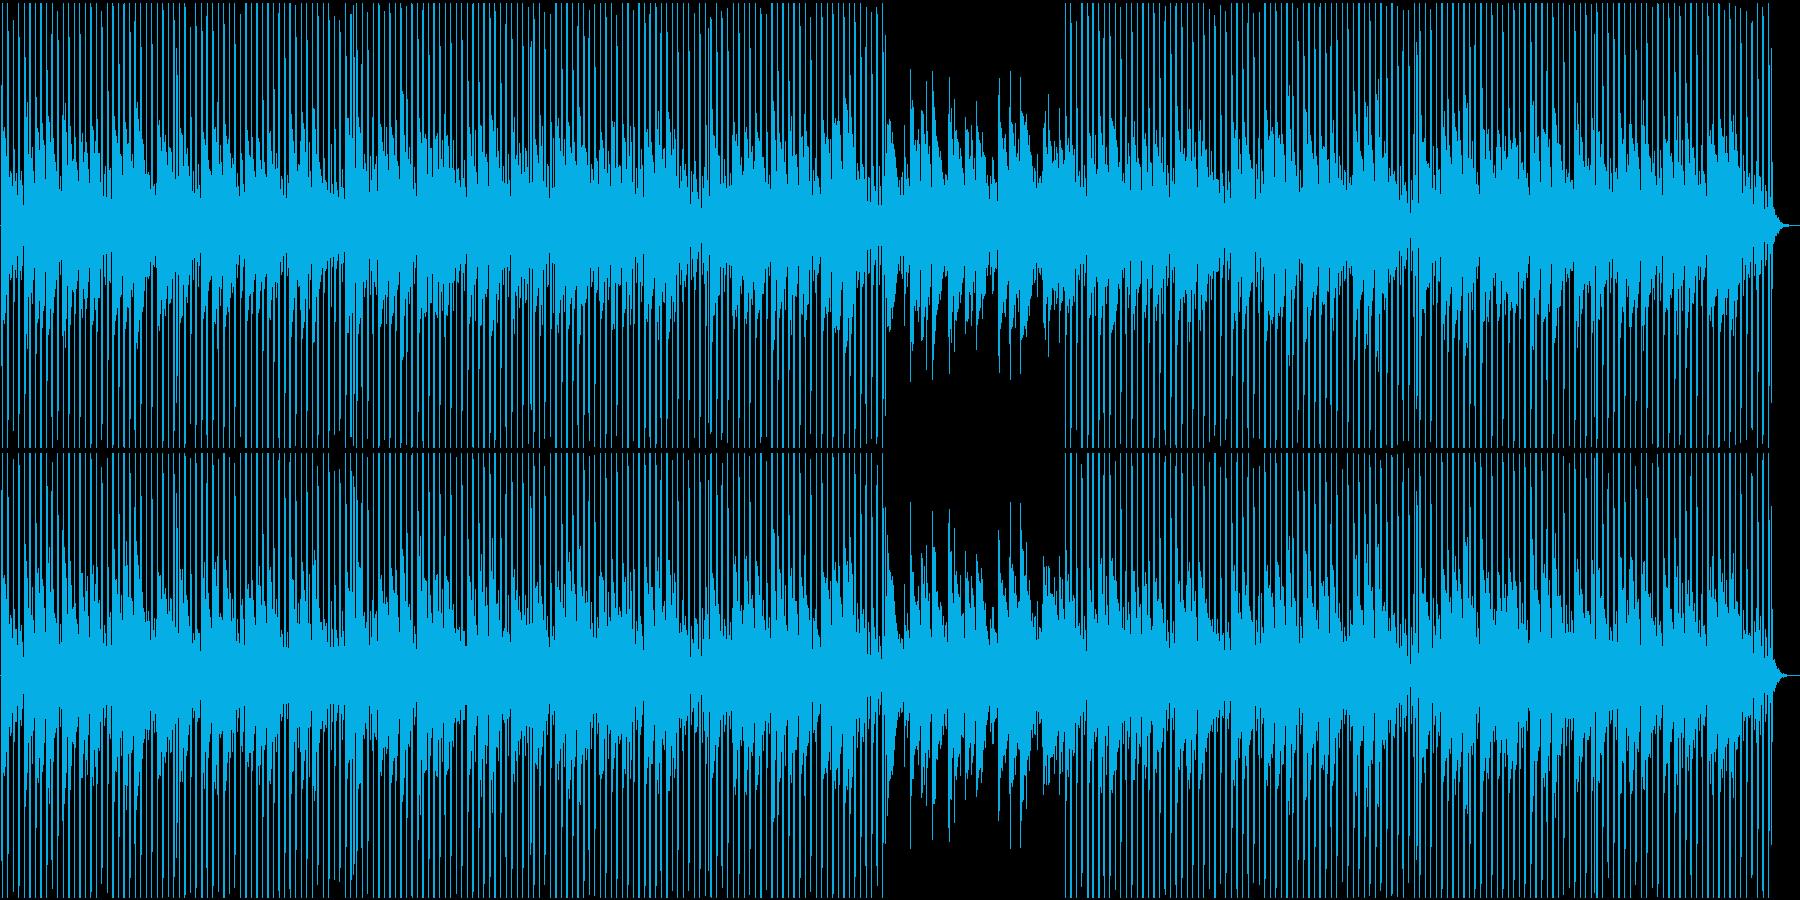 優しい気持ちになるチル・ローファイの再生済みの波形